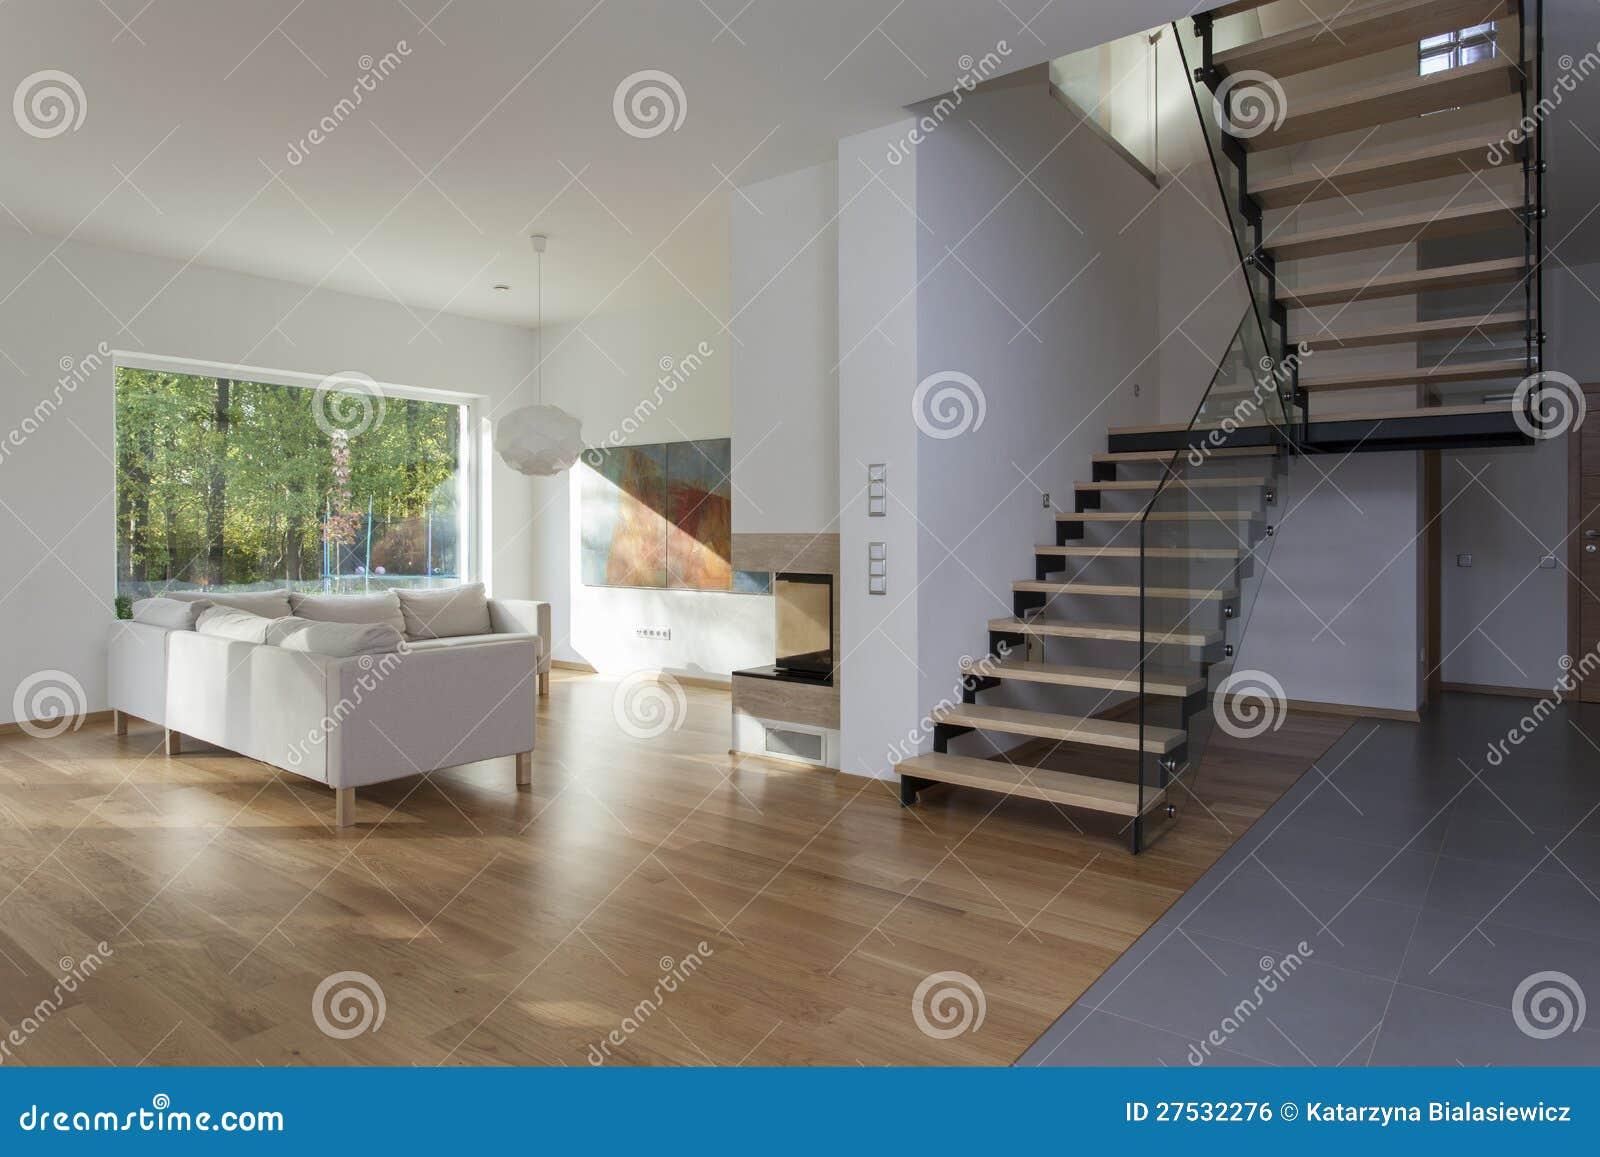 Wohnzimmer, Treppen stockfoto. Bild von möbel, zustand - 27532276